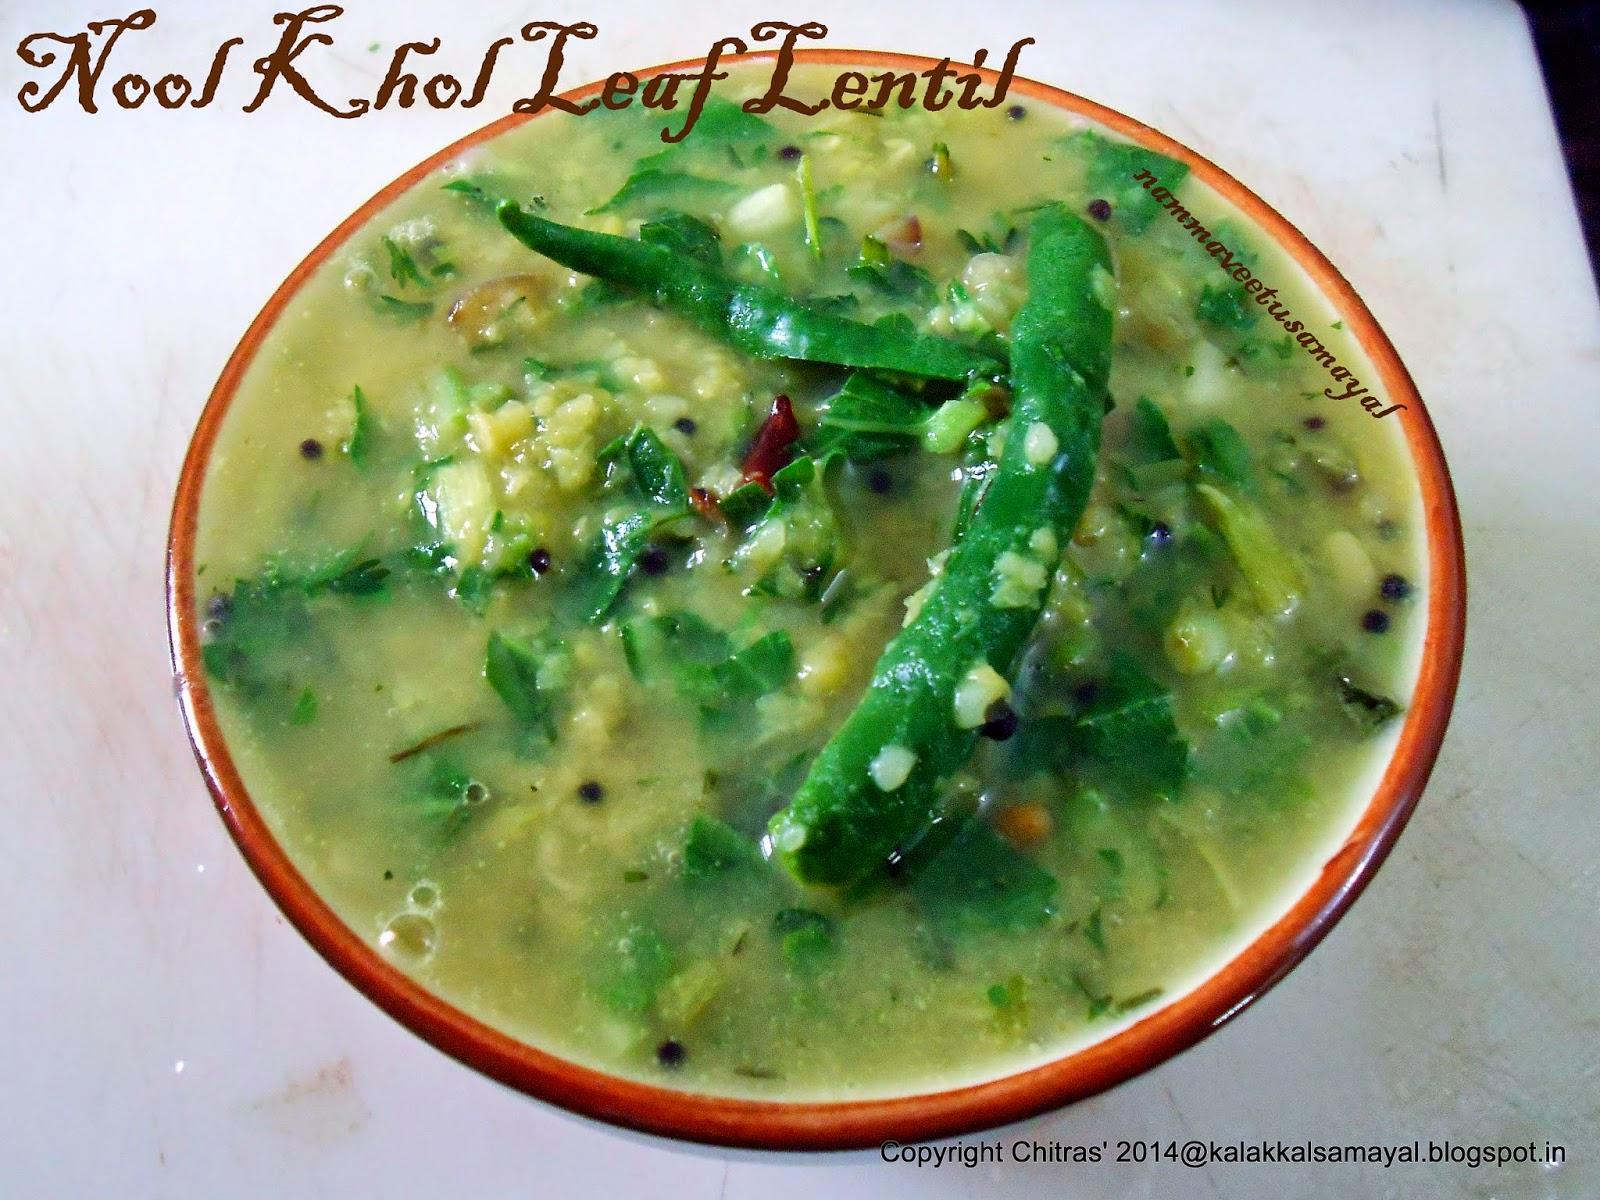 Nool Khol leaf lentil